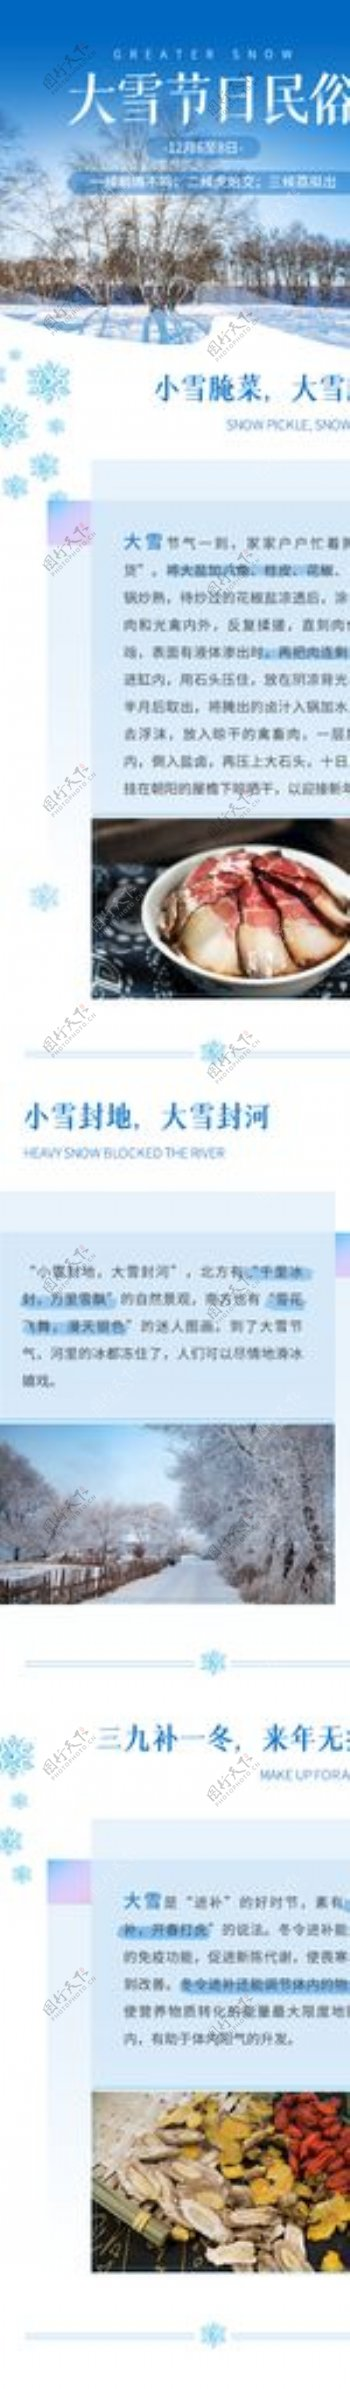 中国二十四节气大雪节日民俗H5图片